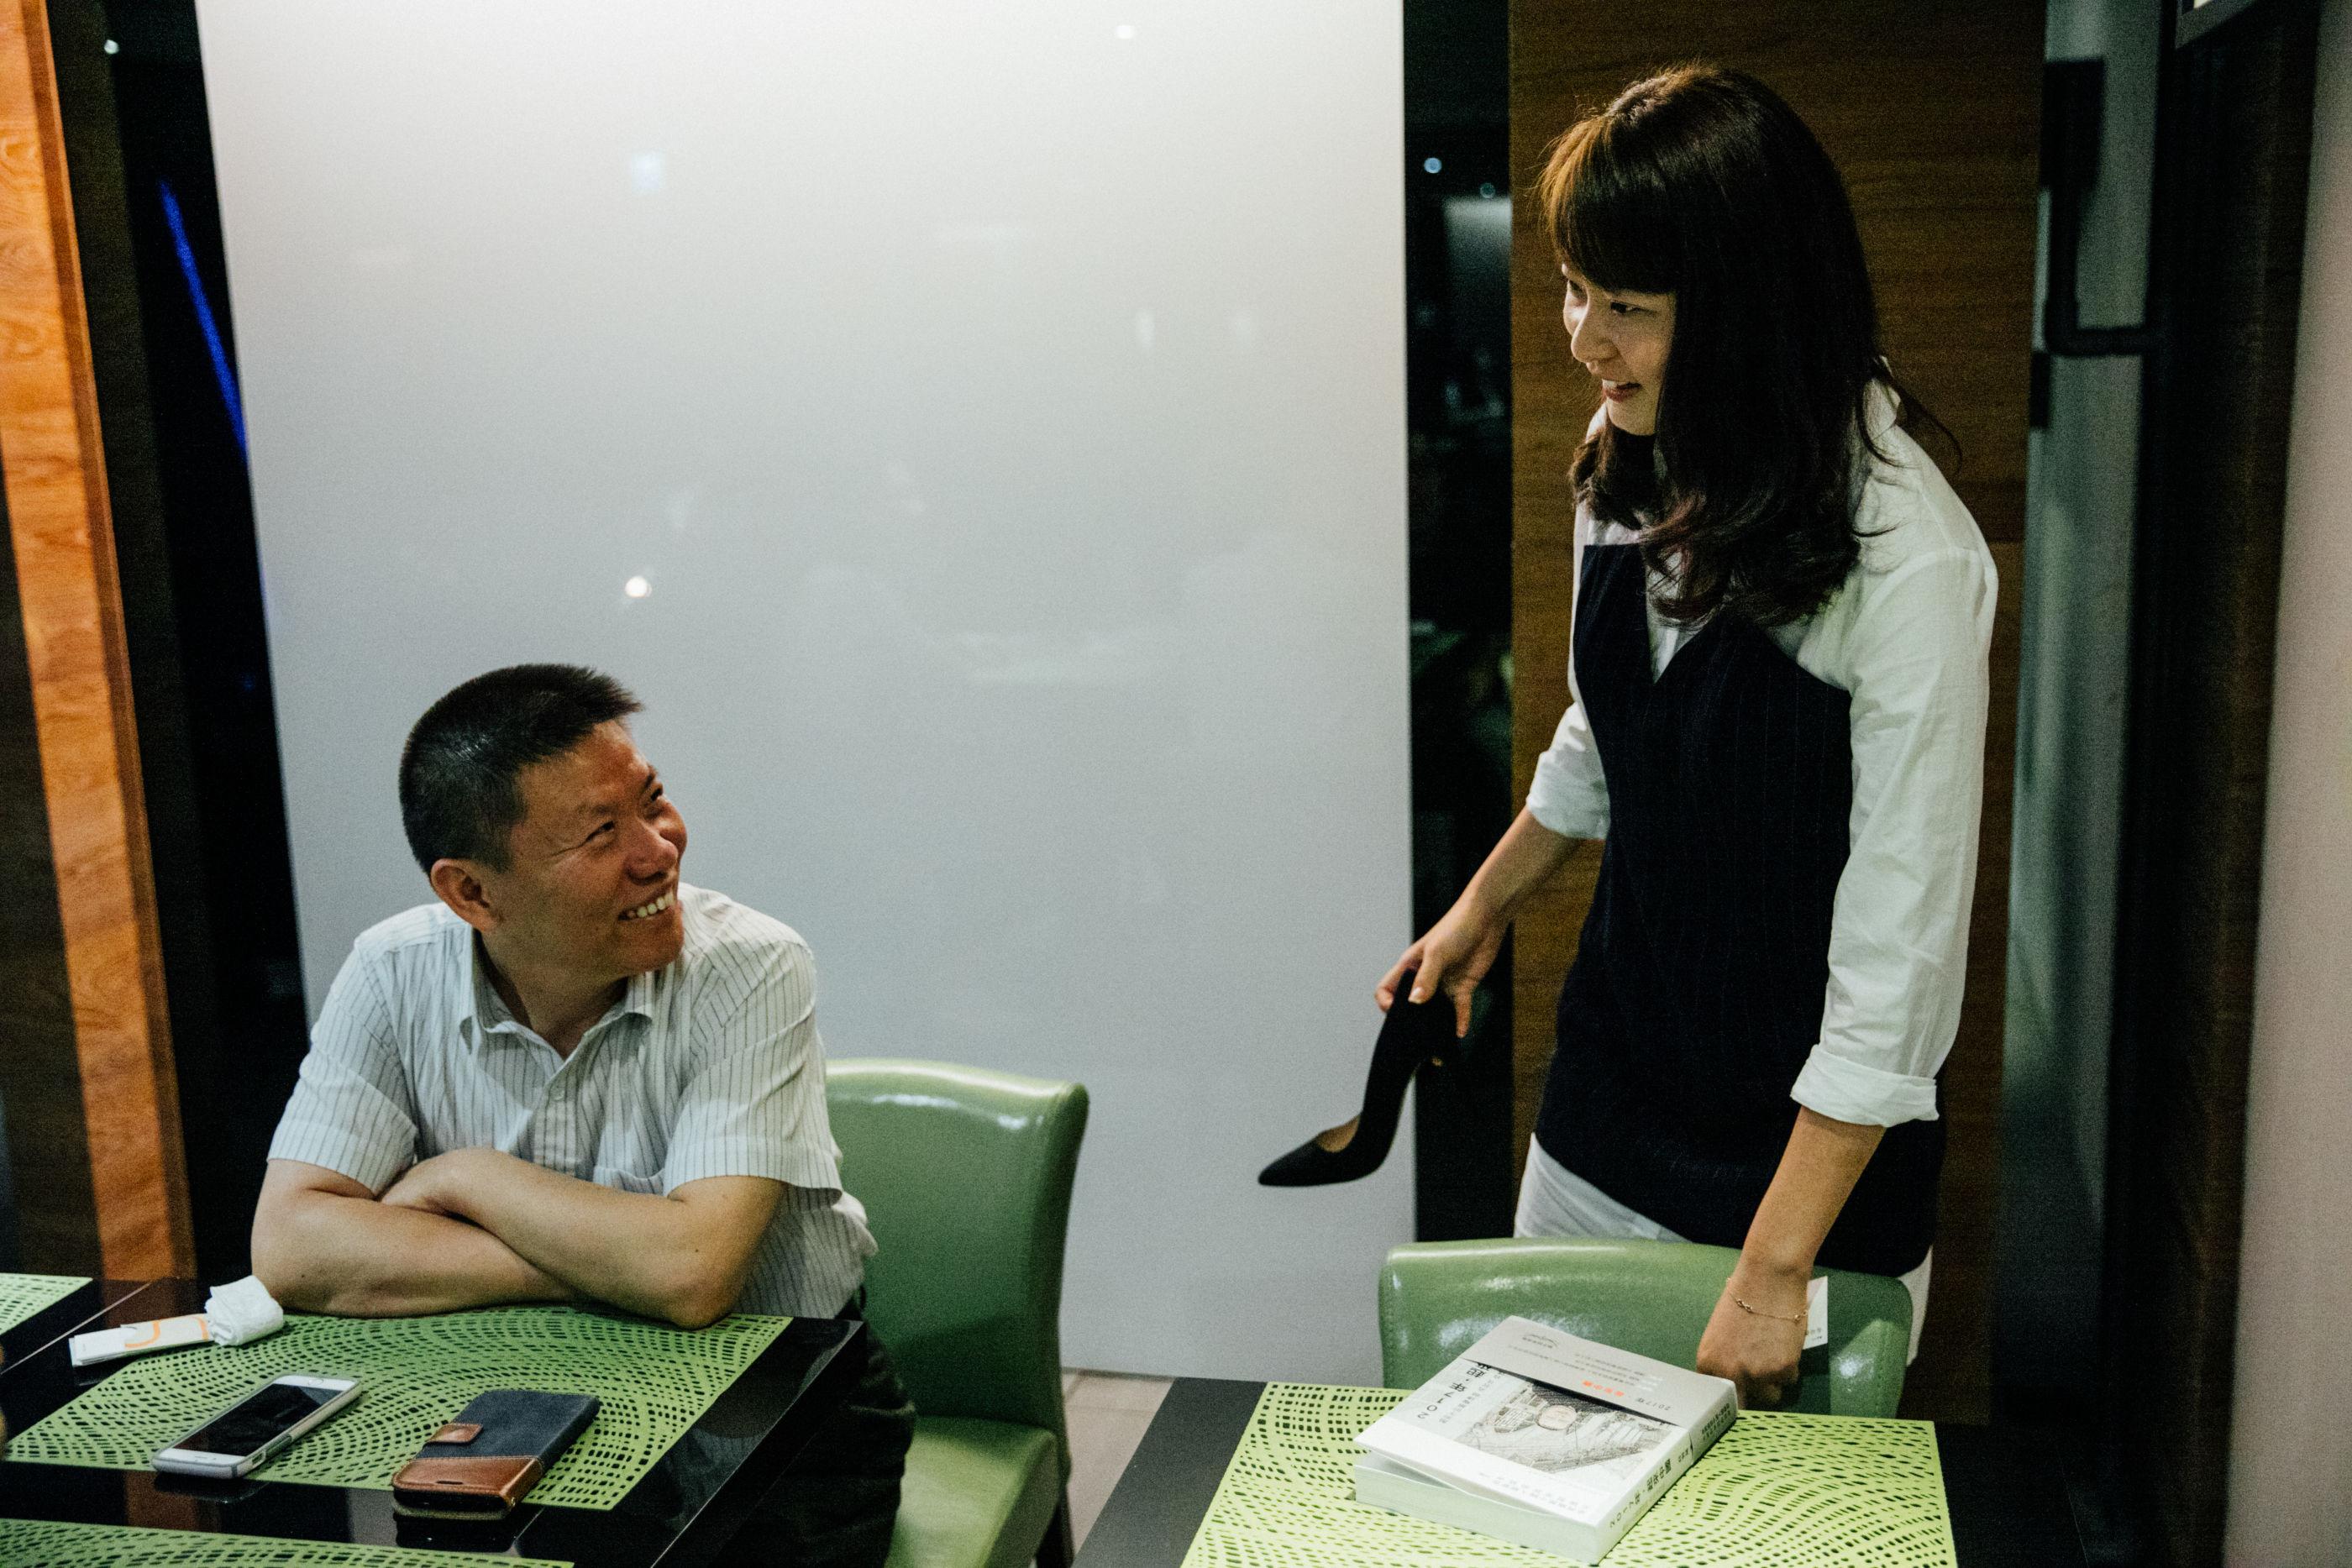 中國維權律師高智晟女兒耿格(右)訪問,對華授助協會主席Bob Fu。(攝影/余志偉)